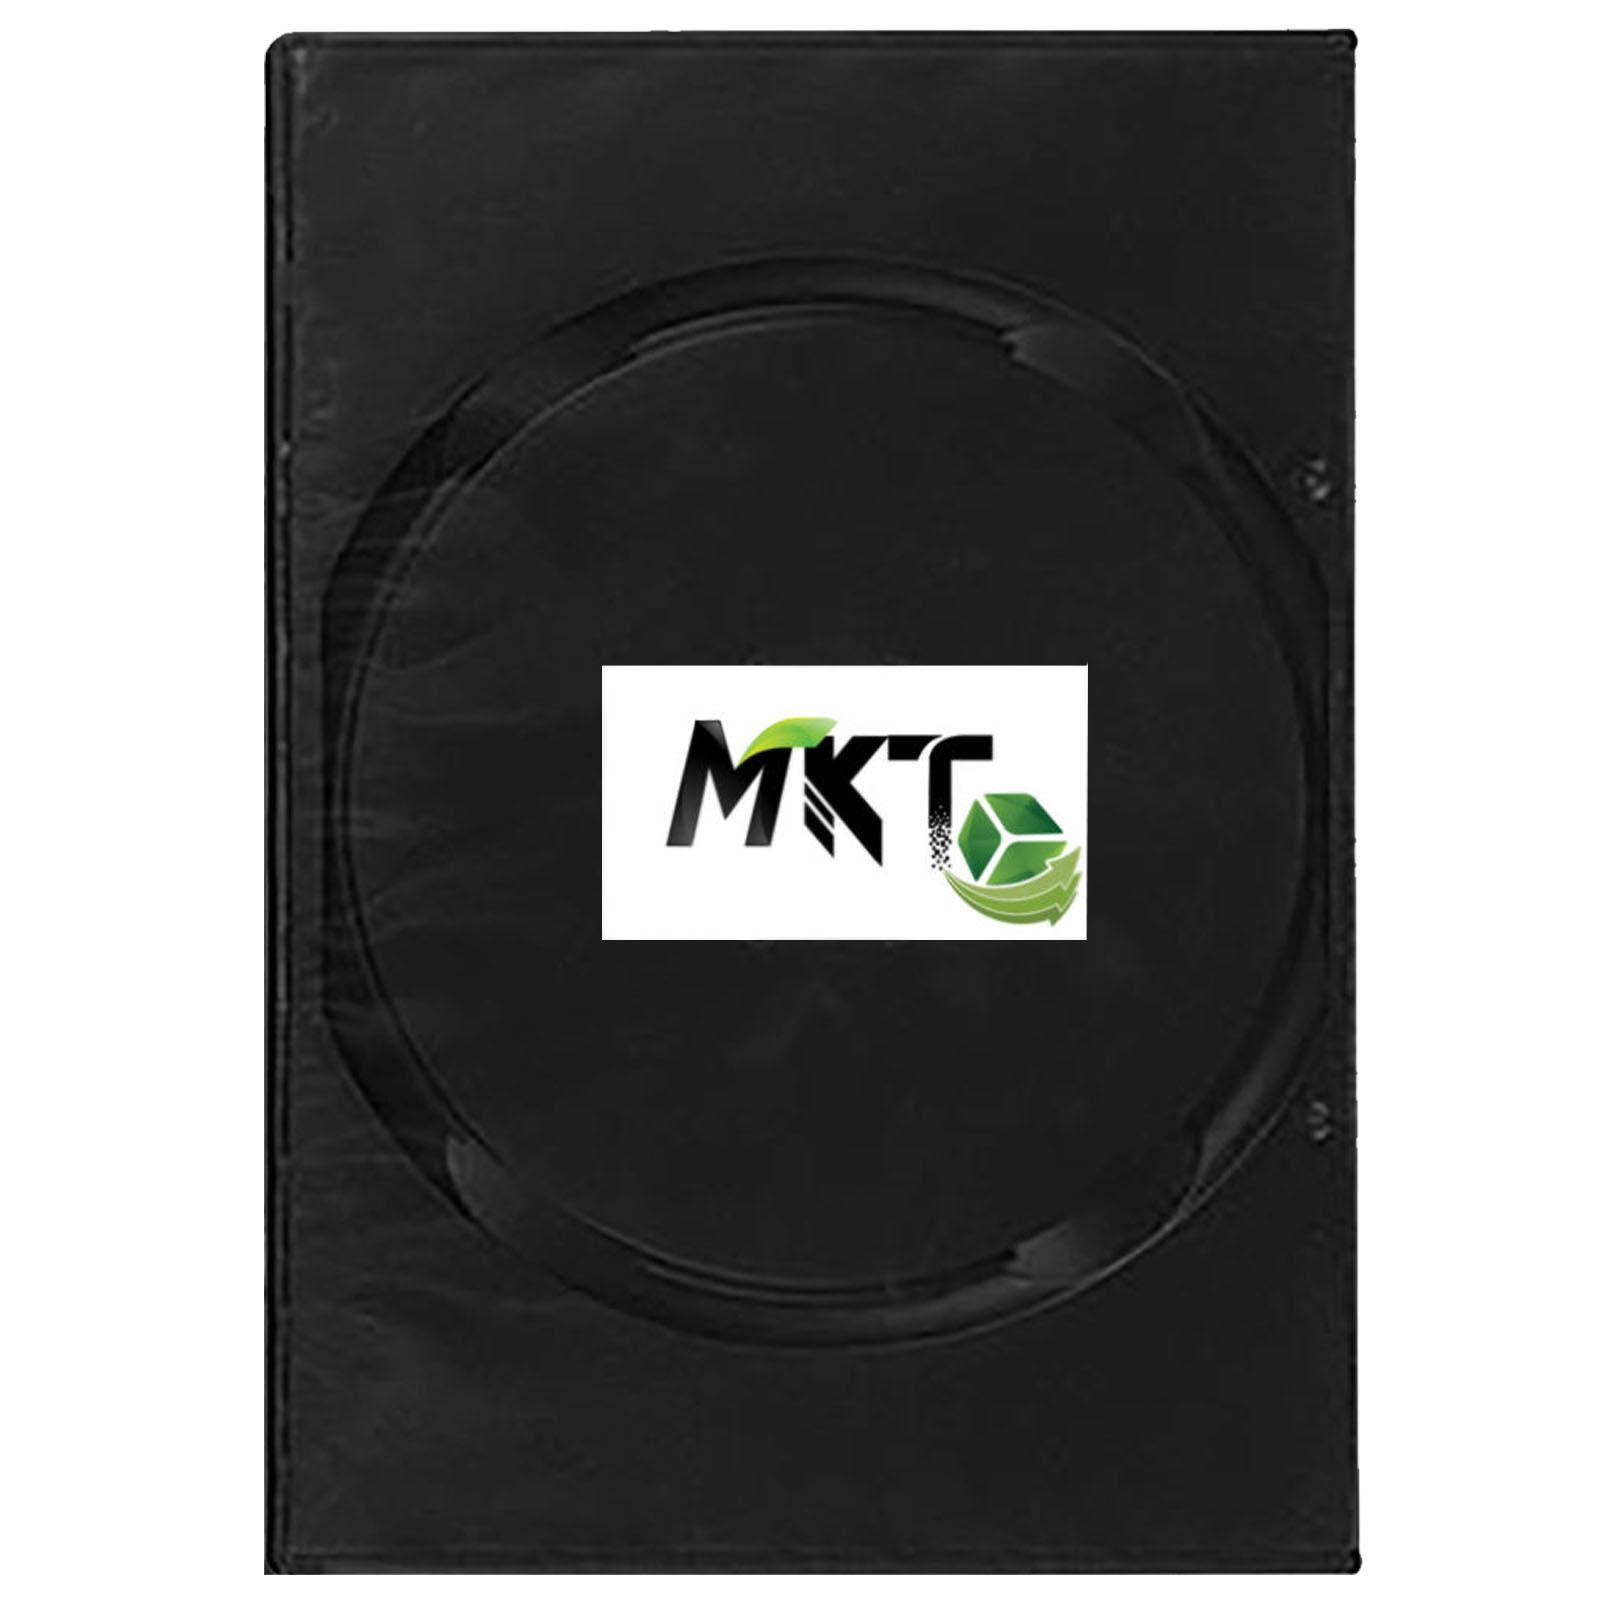 بررسی و {خرید با تخفیف}                                     قاب سی دی و دی وی دی 2 عددی مدل MKT کد DD7 بسته 7 عددی                             اصل